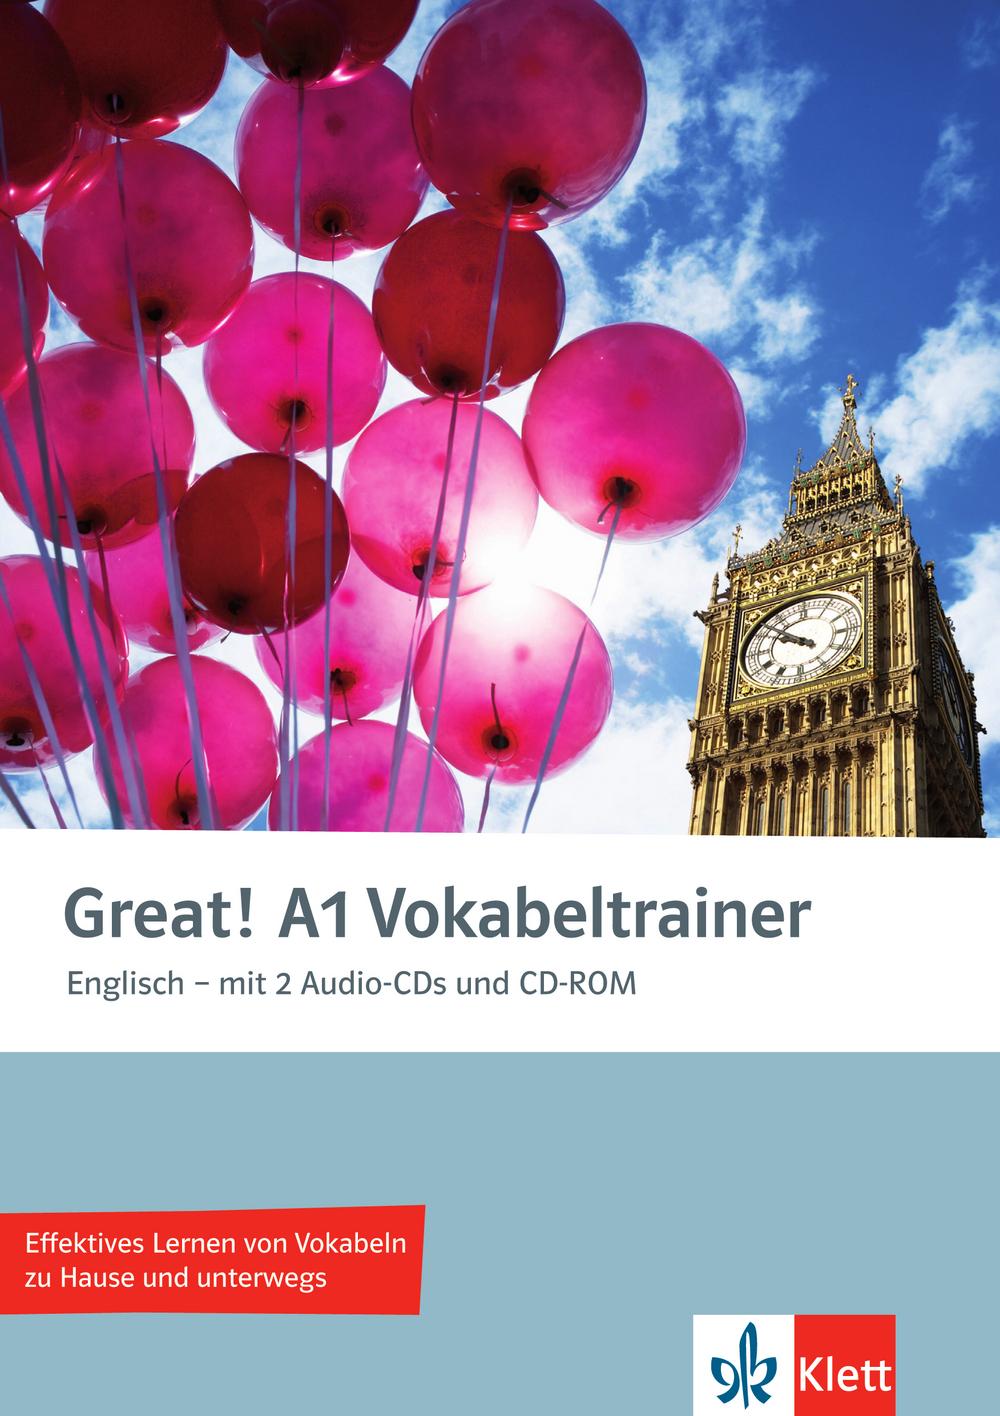 Great! A1 Vokabeltrainer mit 2 Audio-CDs und CD...